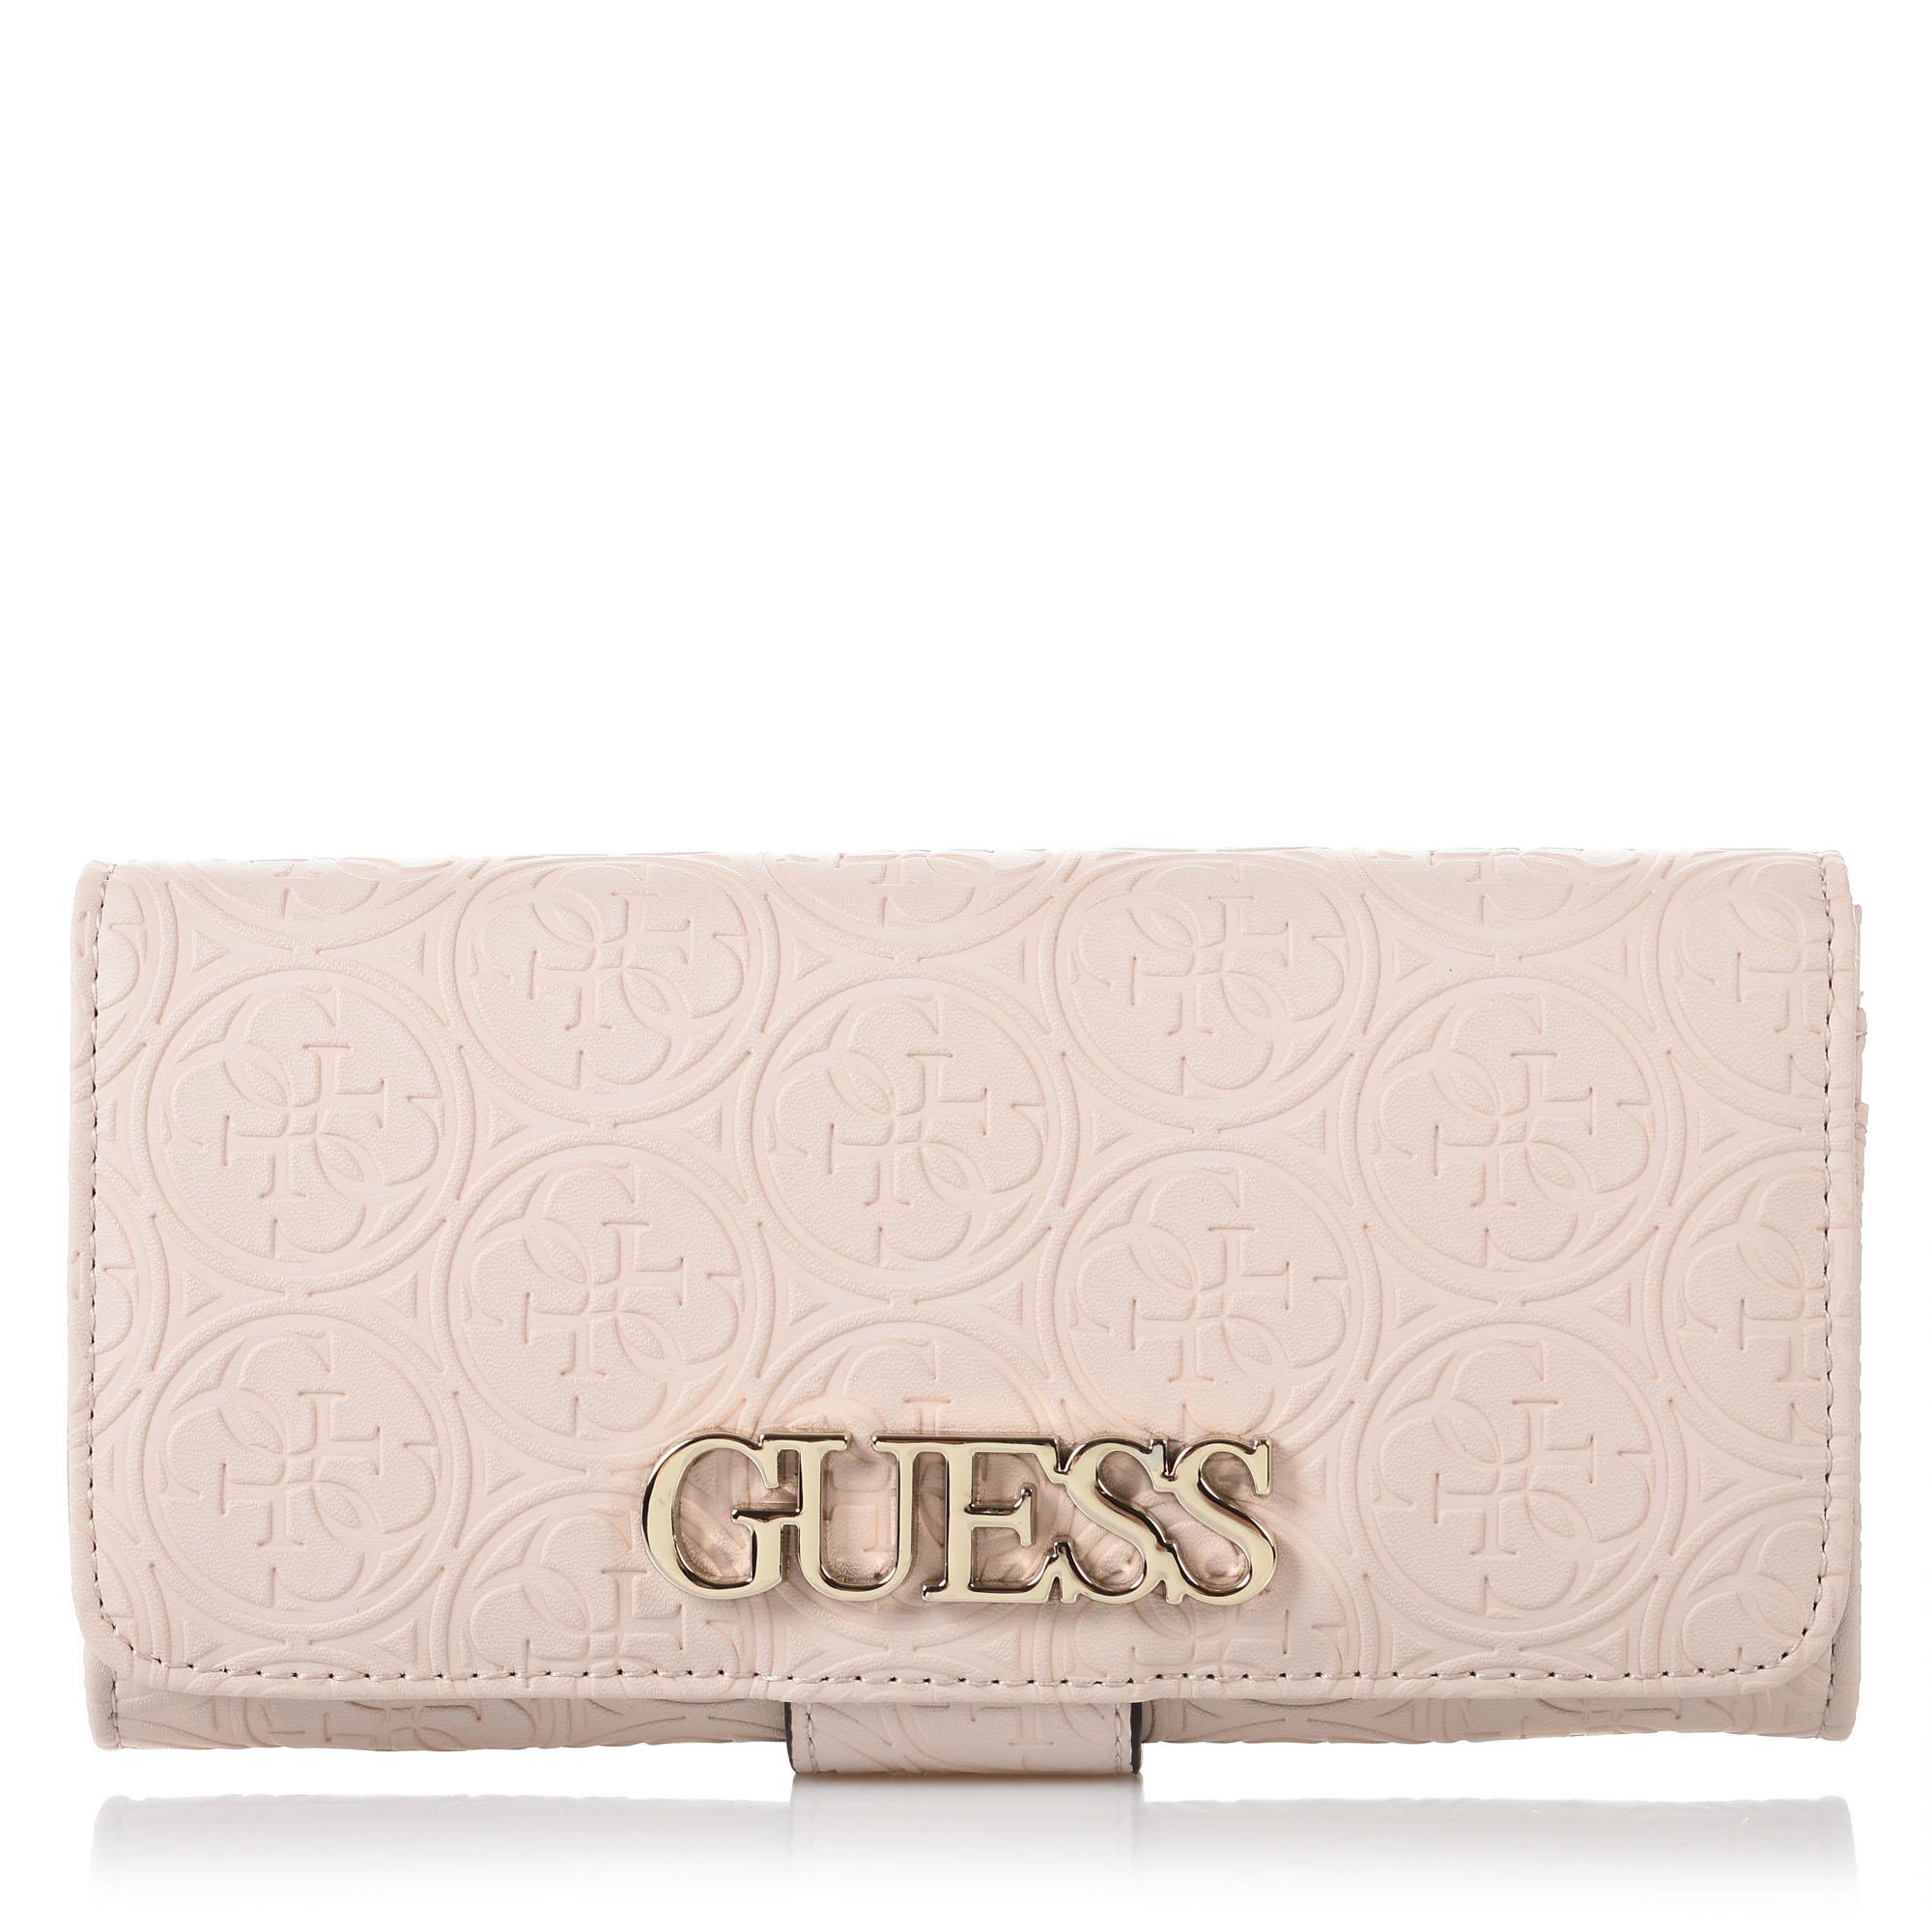 GUESS - Γυναικεία Πορτοφόλια - Brandbags  7188c2b2797